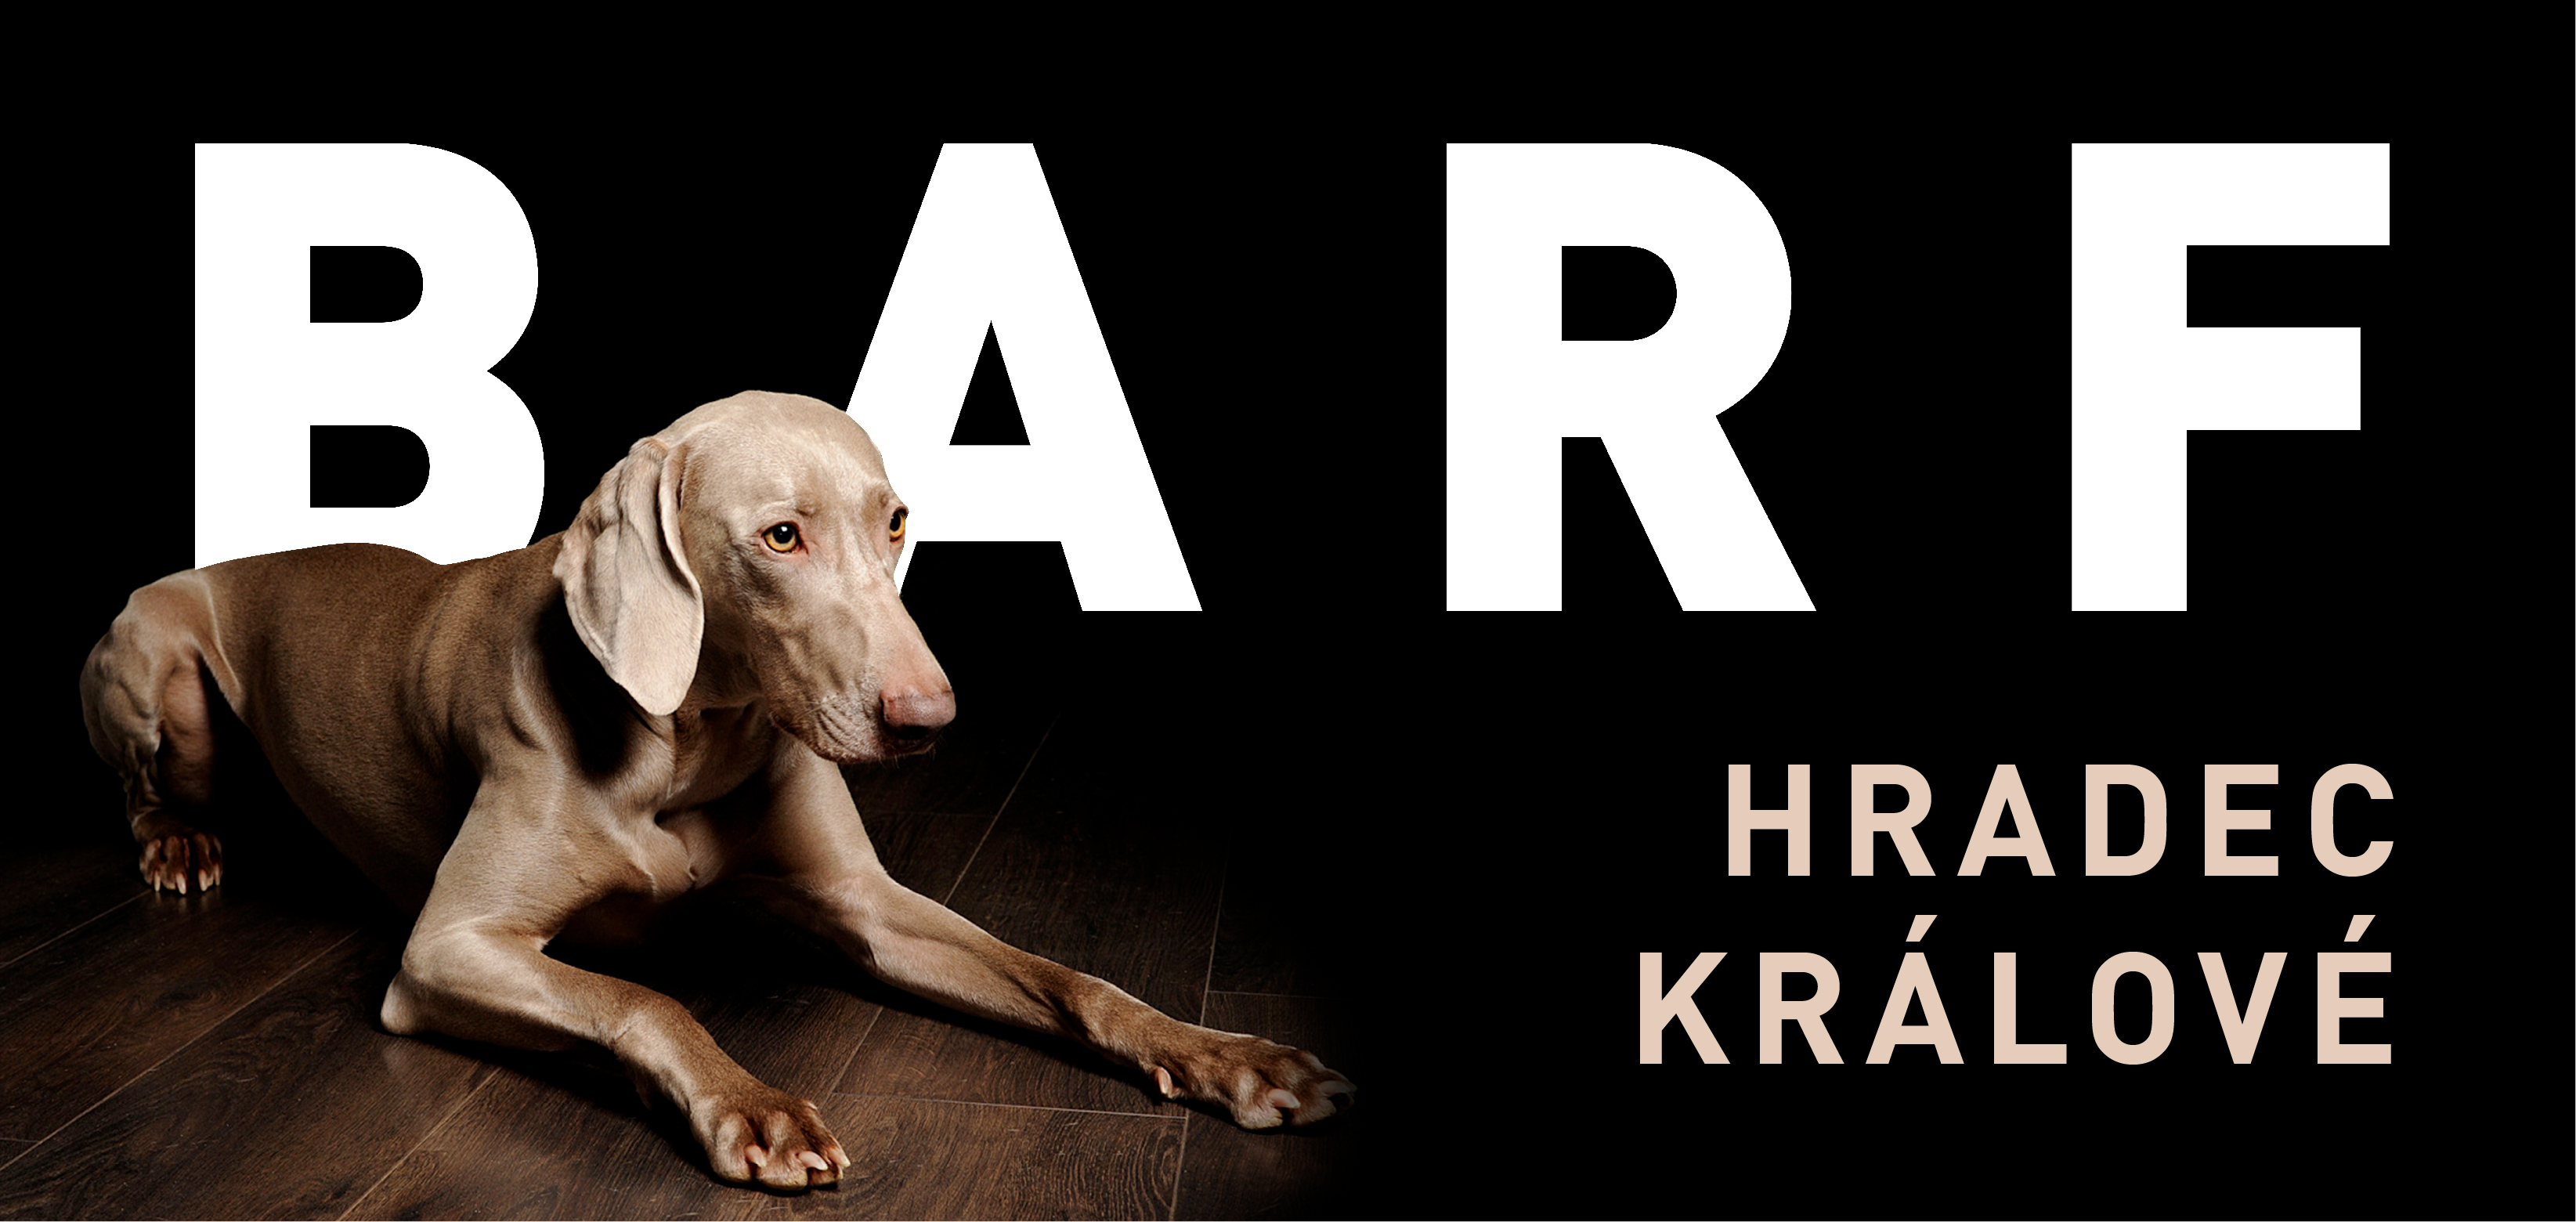 Vítá Vás BARF Hradec Králové – prodejna mraženého masa, kvalitních granulí a doplňků pro psy a kočky